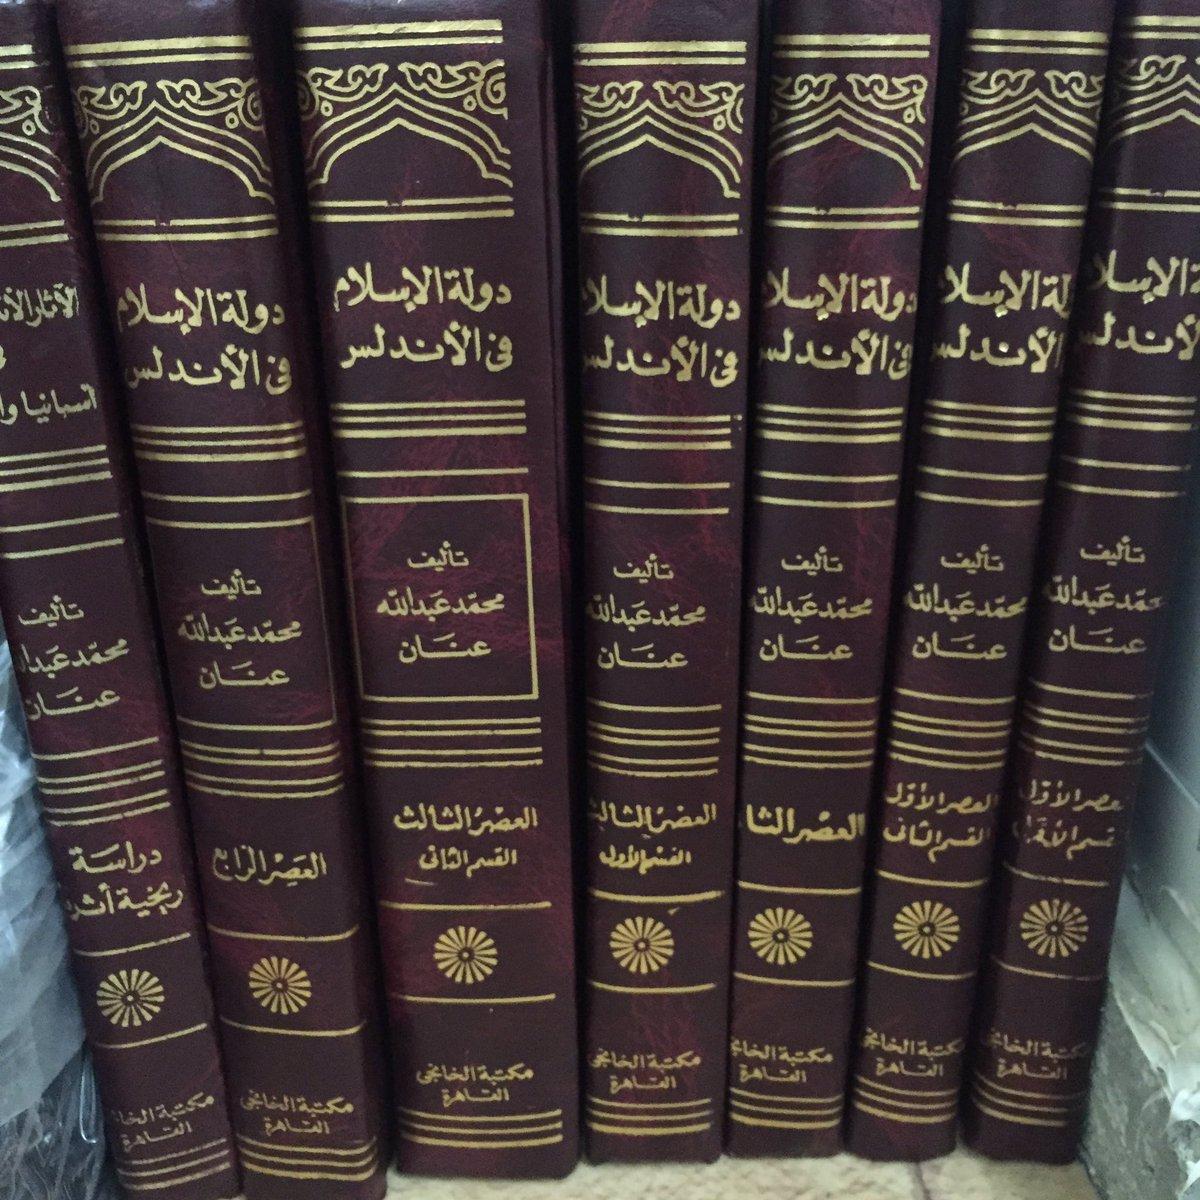 محمد الرشيد On Twitter لمن أحب الإطلاع على تاريخ الأندلس